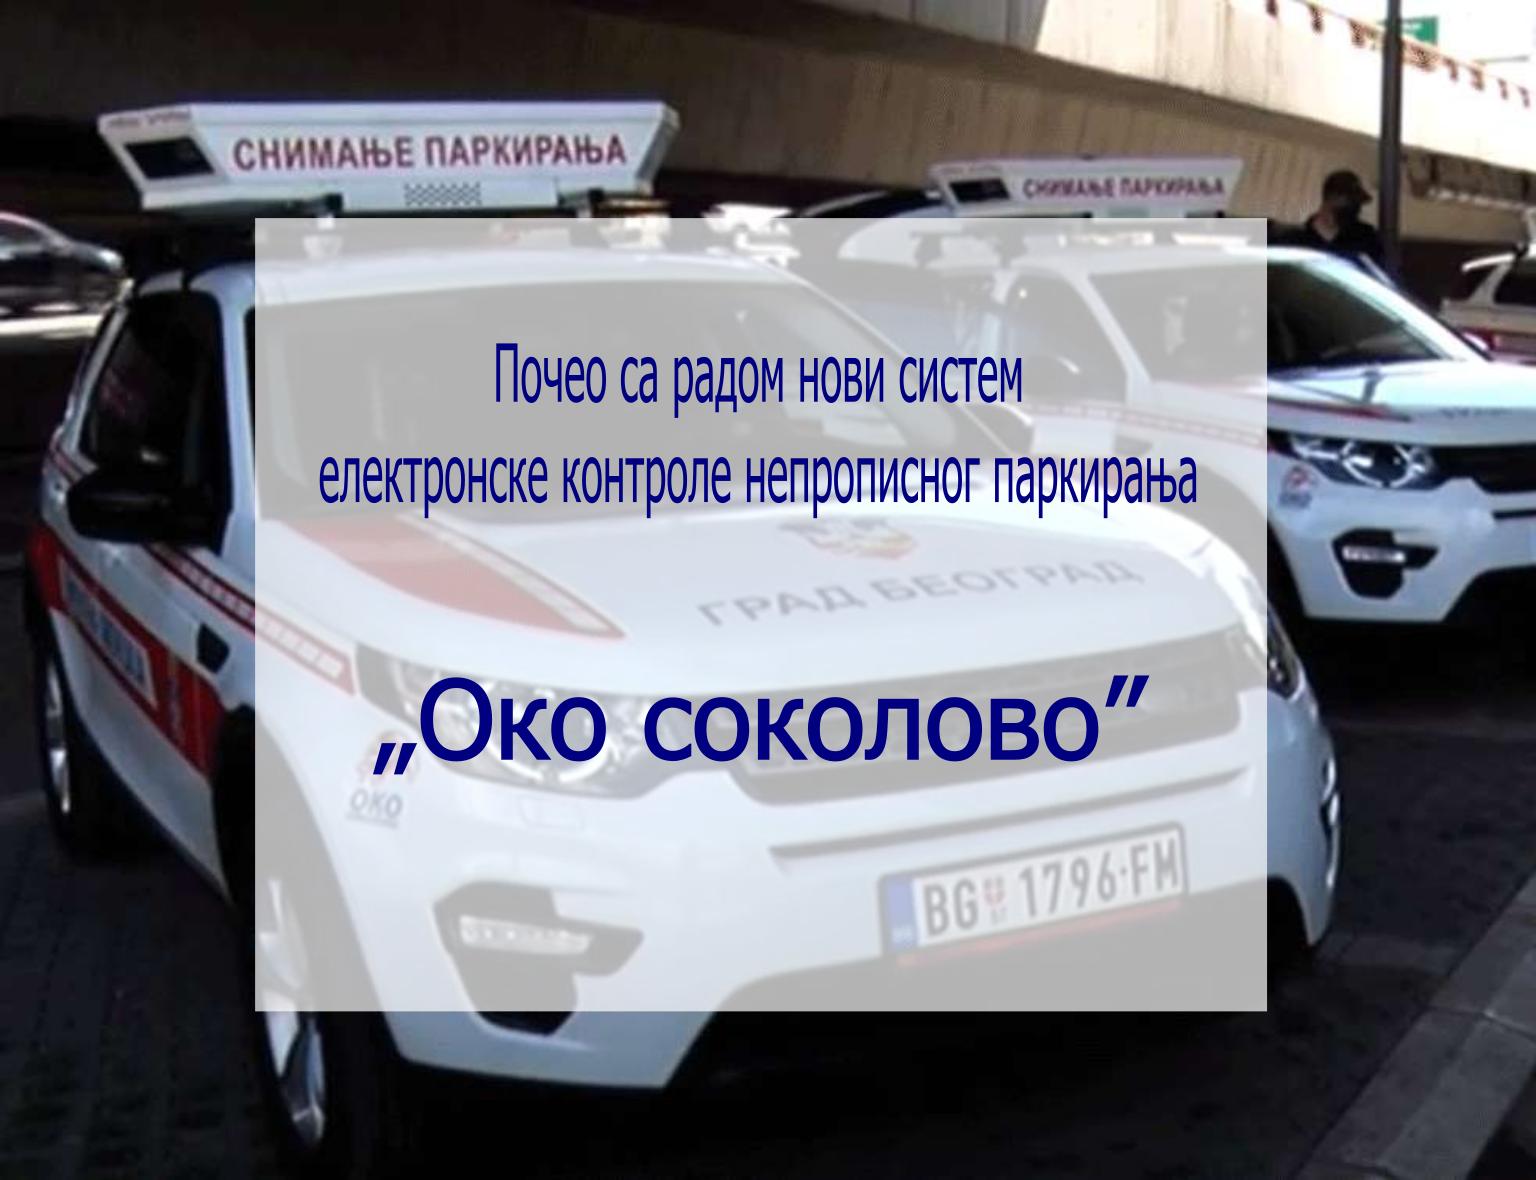 """""""Око соколово"""" - нови систем електронске контроле непрописног паркирања у Београду"""